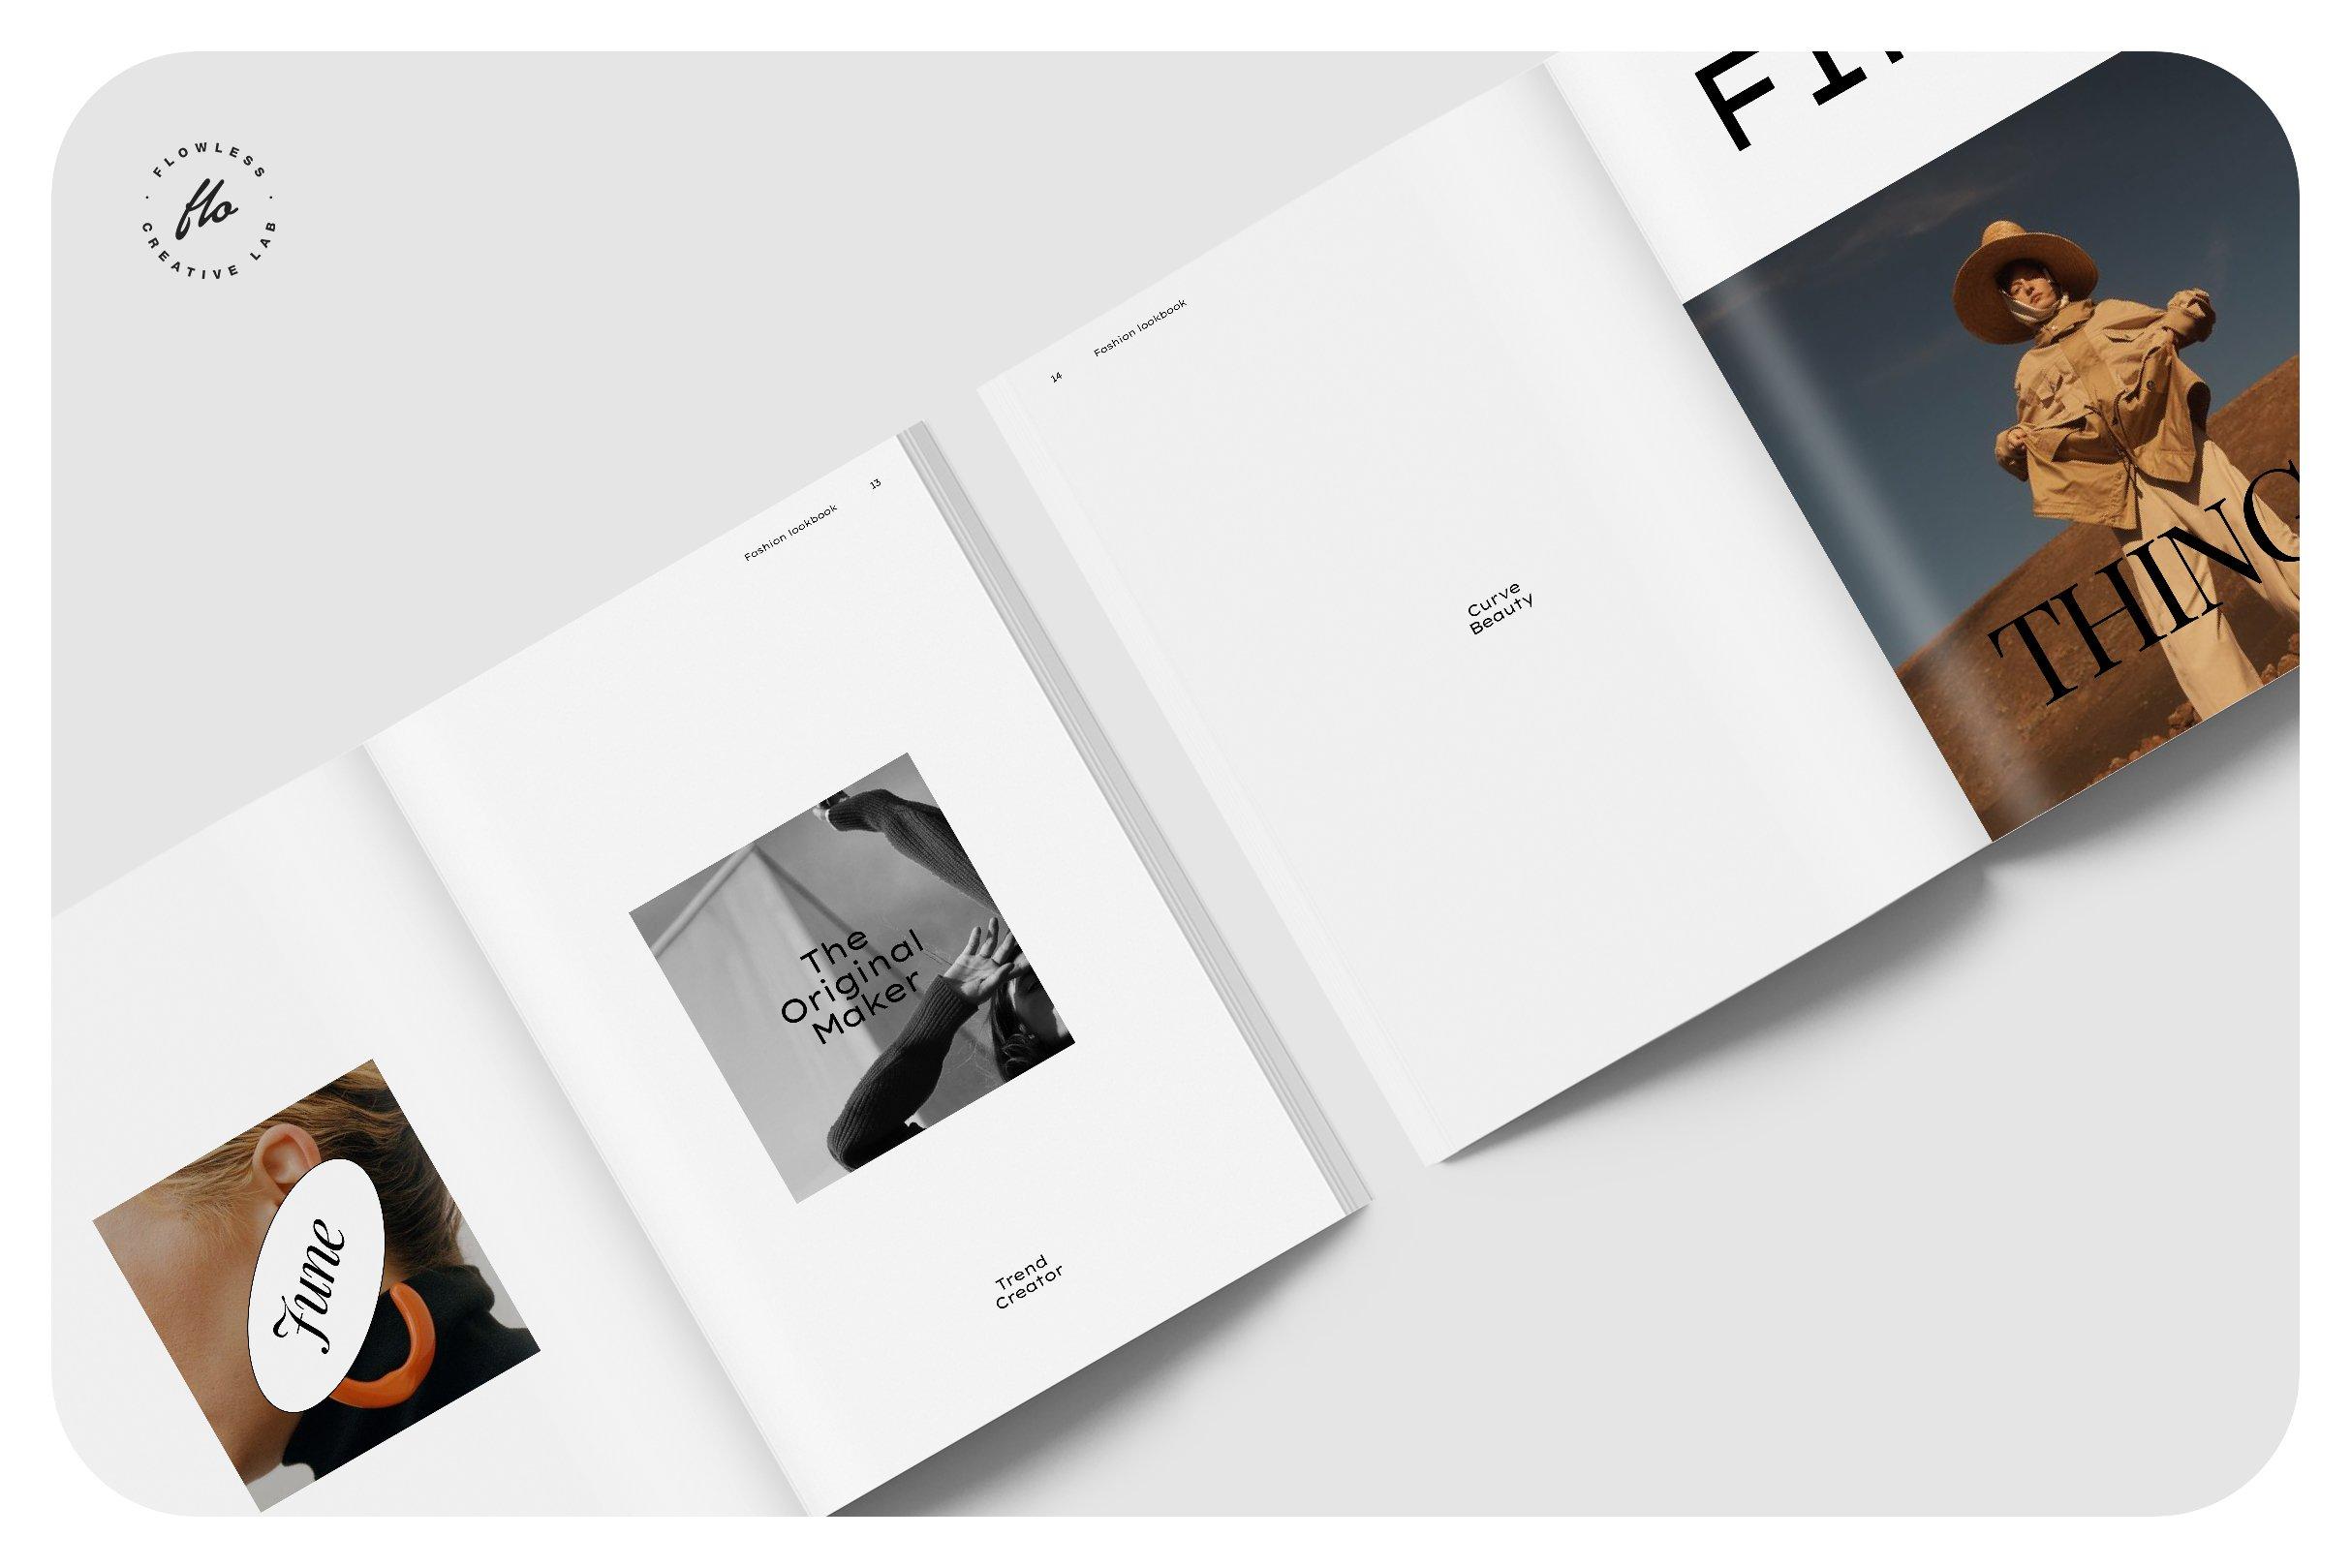 极简服装造型设计INDD画册模板 SOFT TOUCH Fashion Lookbook插图(2)